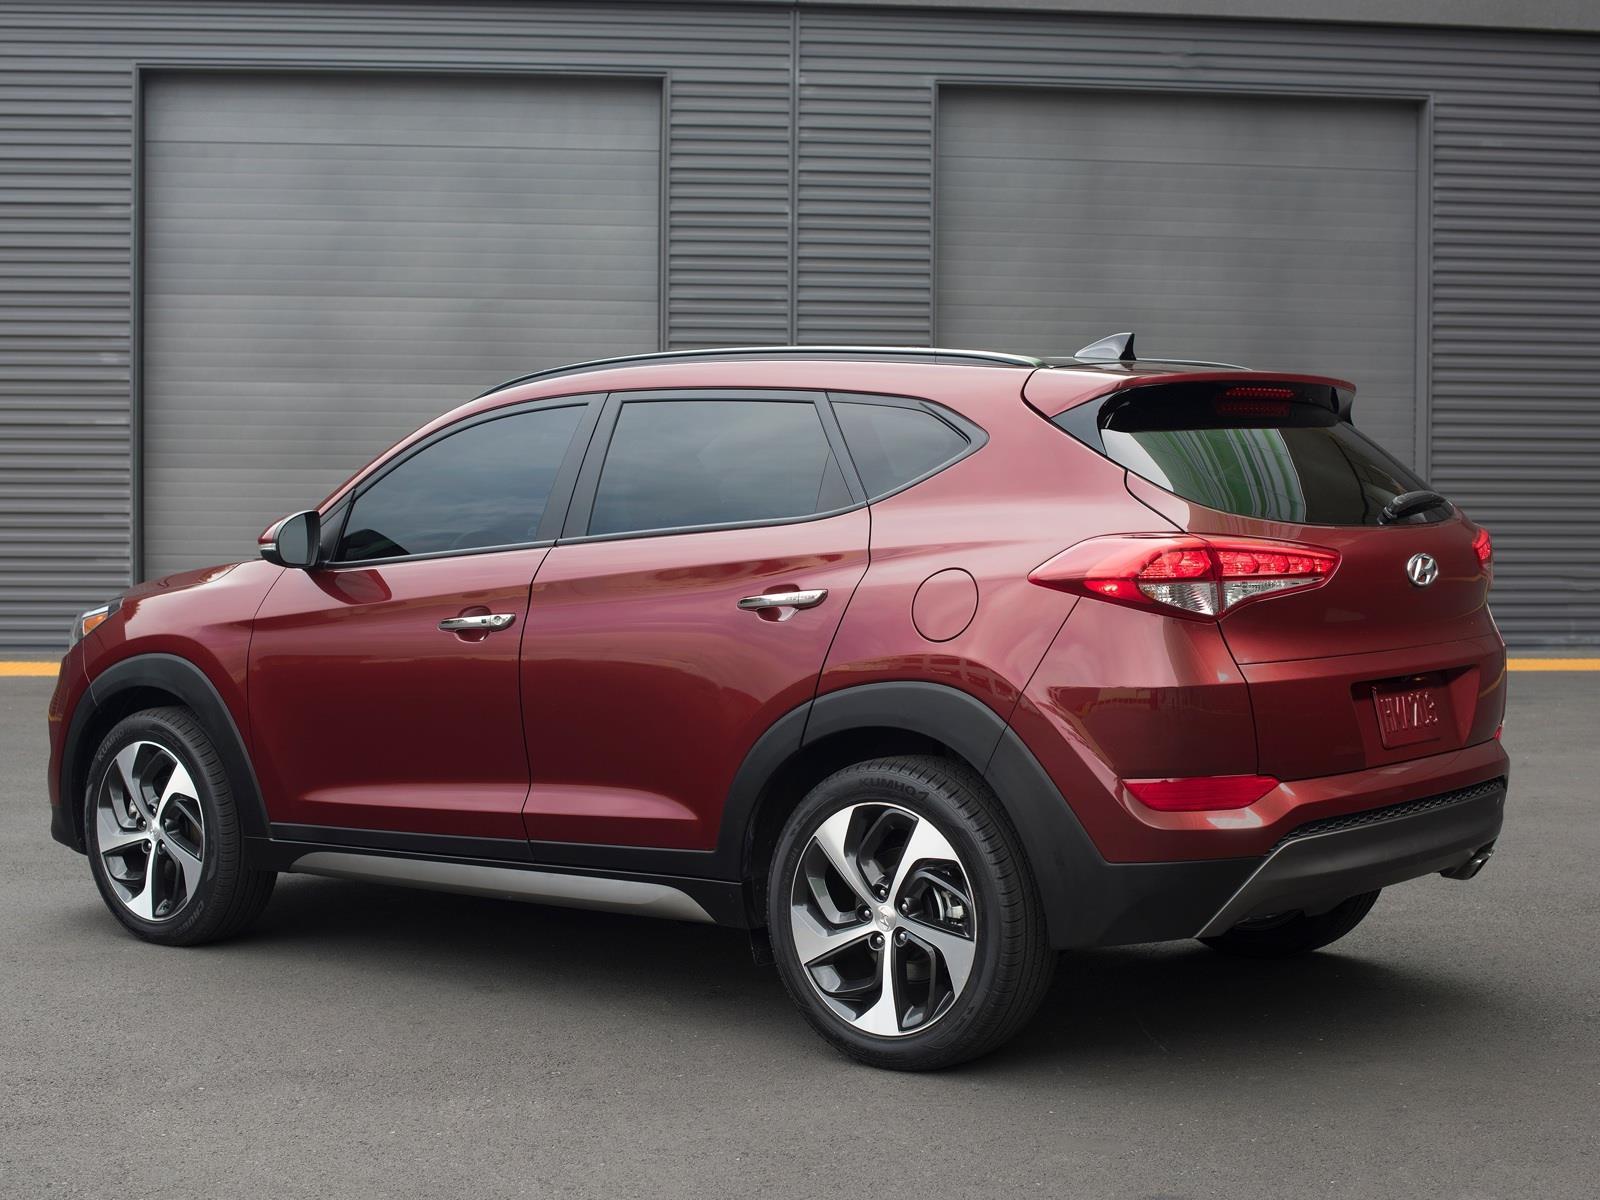 Colores Hyundai Tucson 2017 >> Hyundai Tucson 2016 tiene un precio inicial de $22,700 dólares - Autocosmos.com